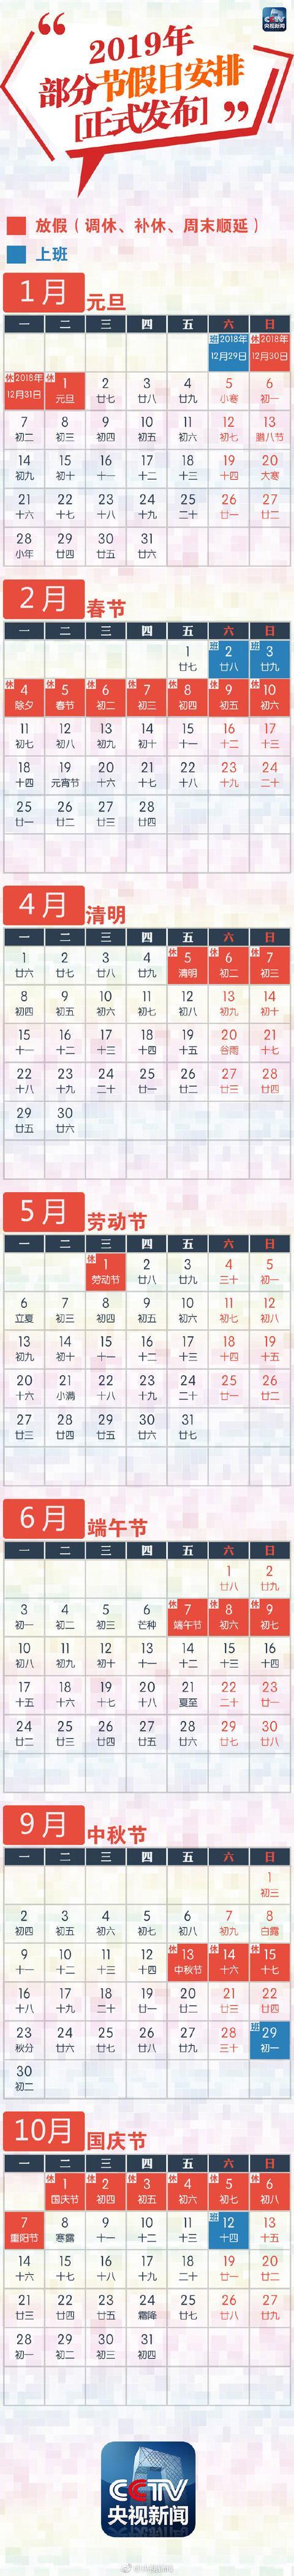 官宣!国办公布2019年放假安排,五一假期才一天!